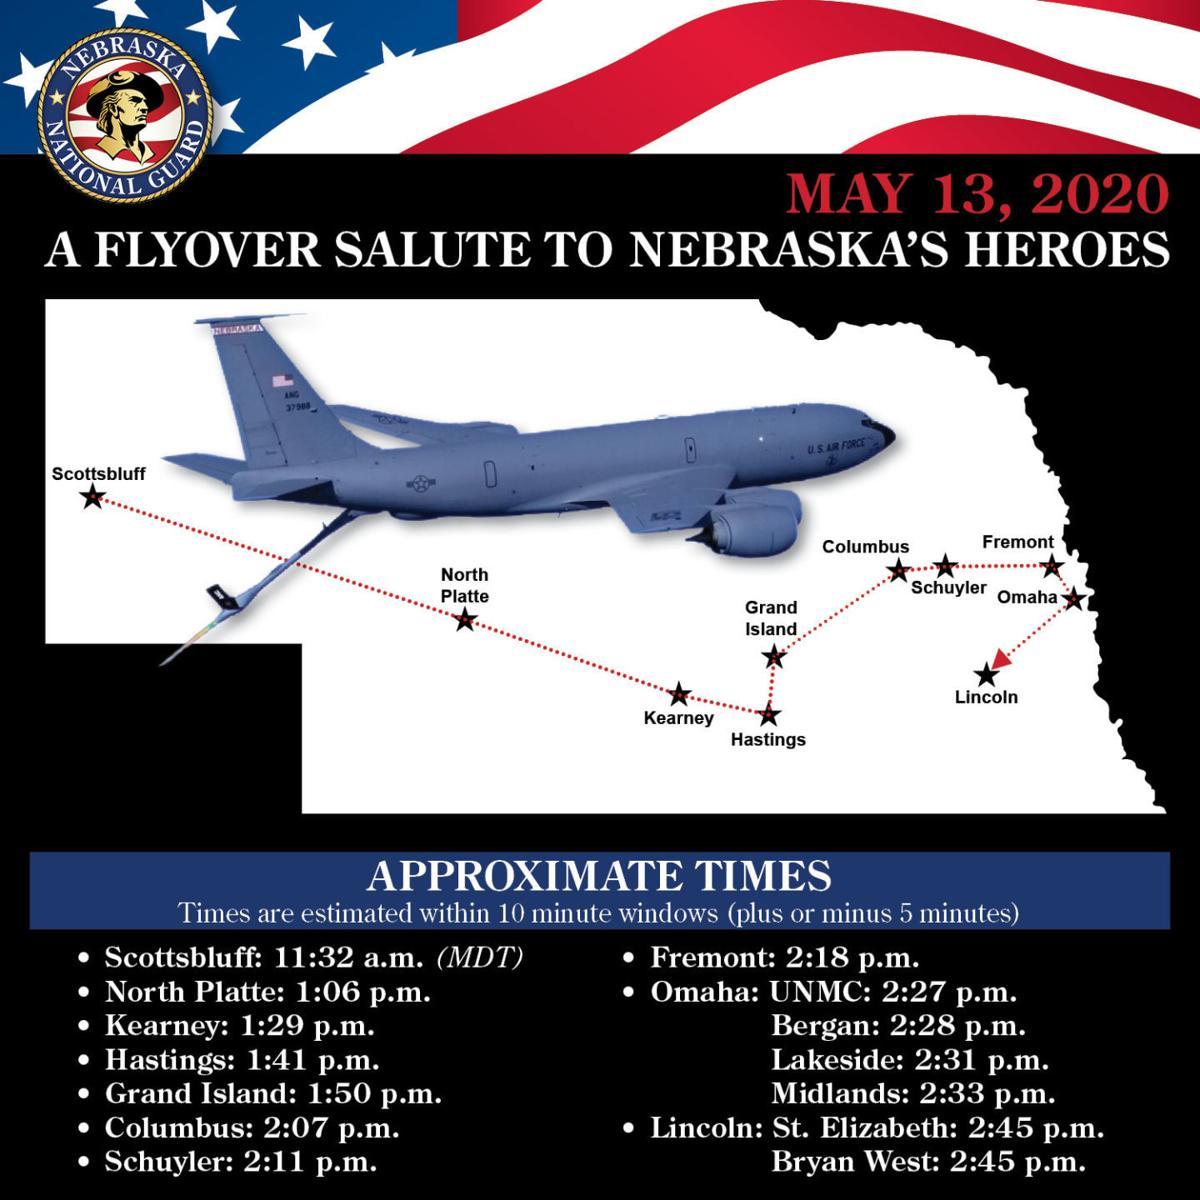 Flyover schedule